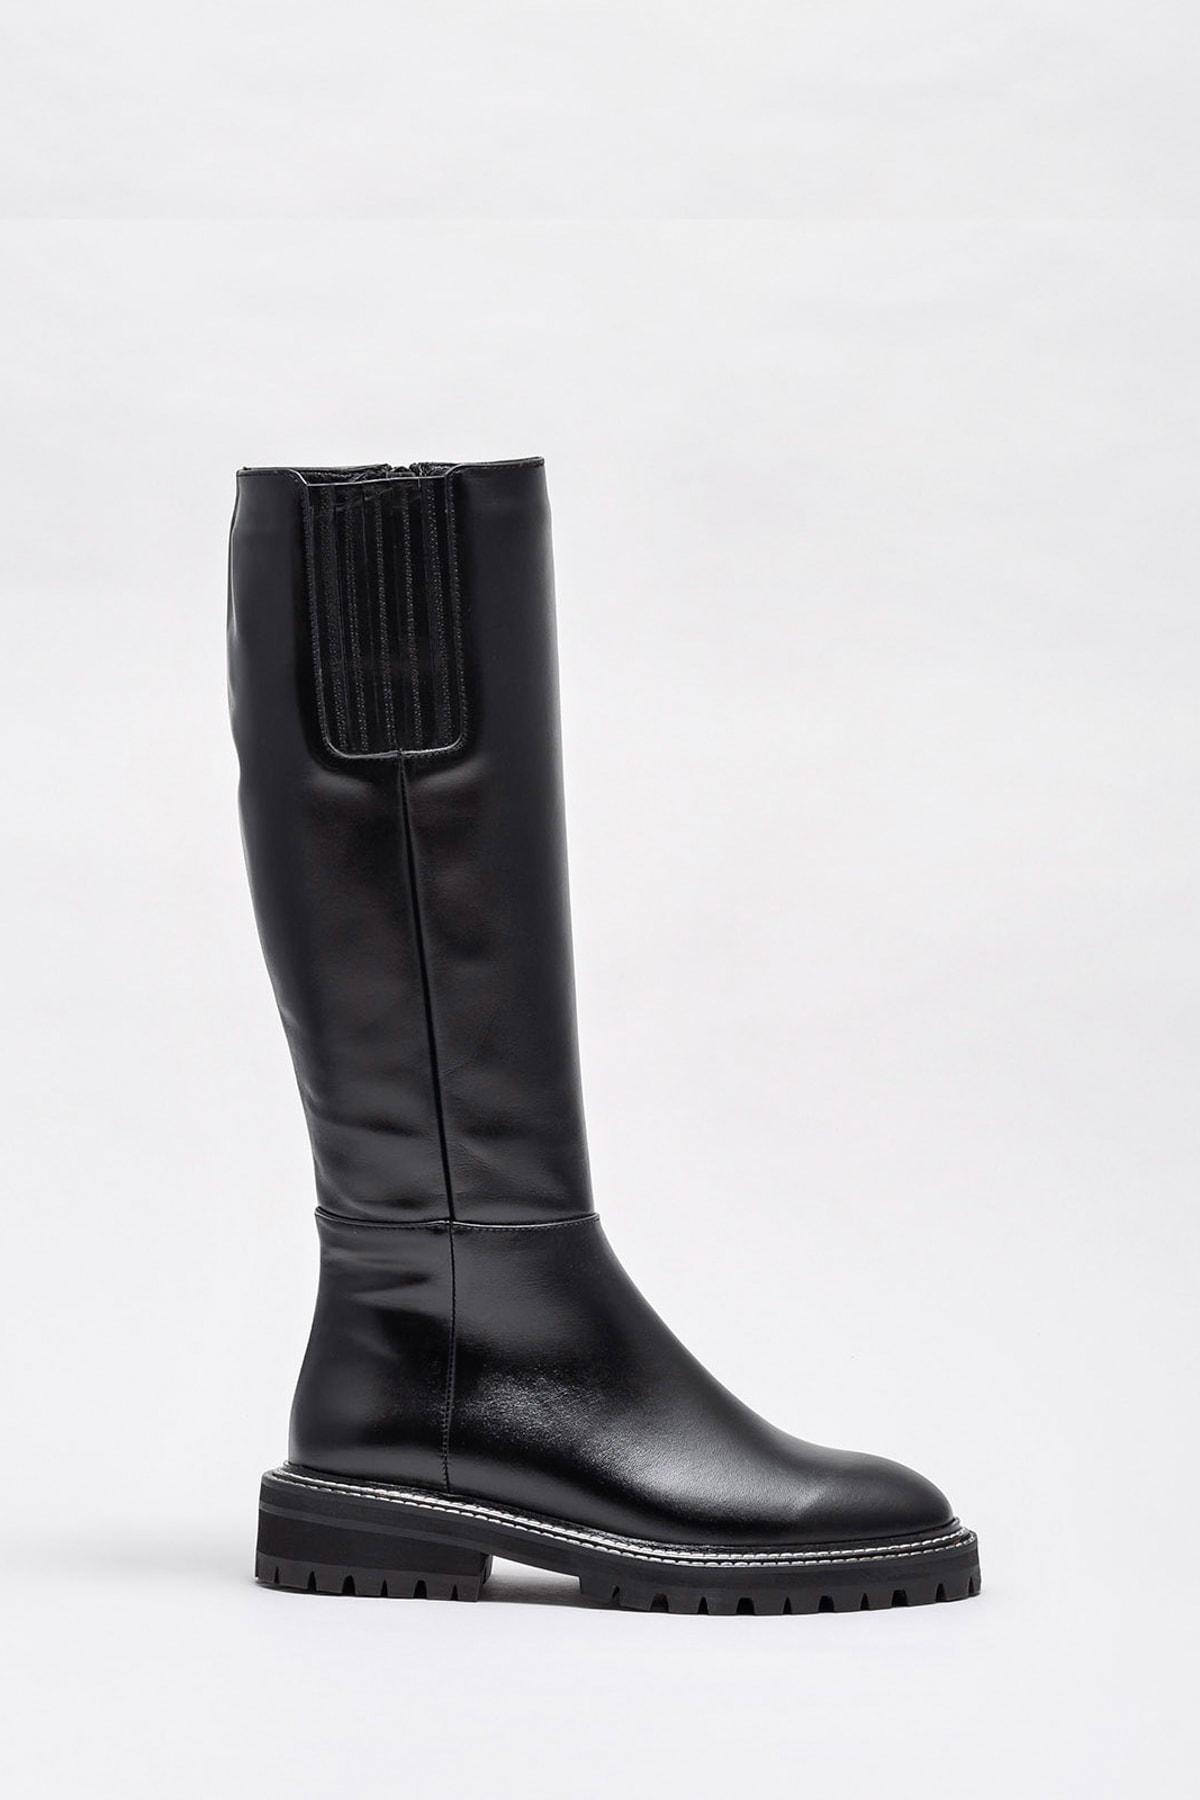 Elle Shoes Kadın Çizme Varsha 20K006 1